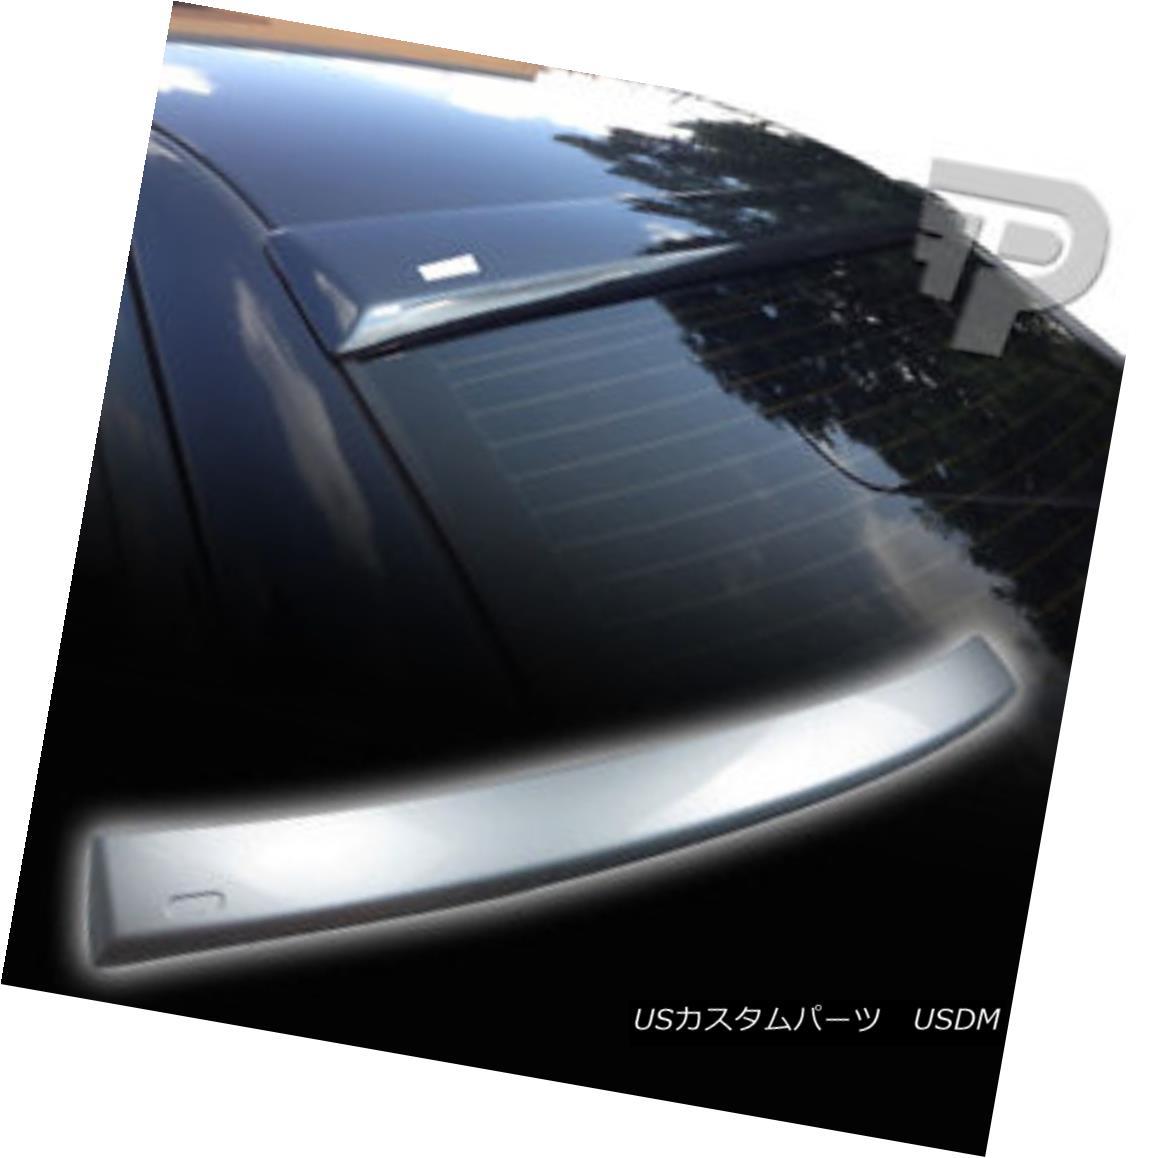 エアロパーツ PAINTED BMW E36 A TYPE SEDAN 4DR REAR ROOF SPOILER 91 98 塗装済みBMW E36 A型セダン4DRリアルーフスポイラー91 98